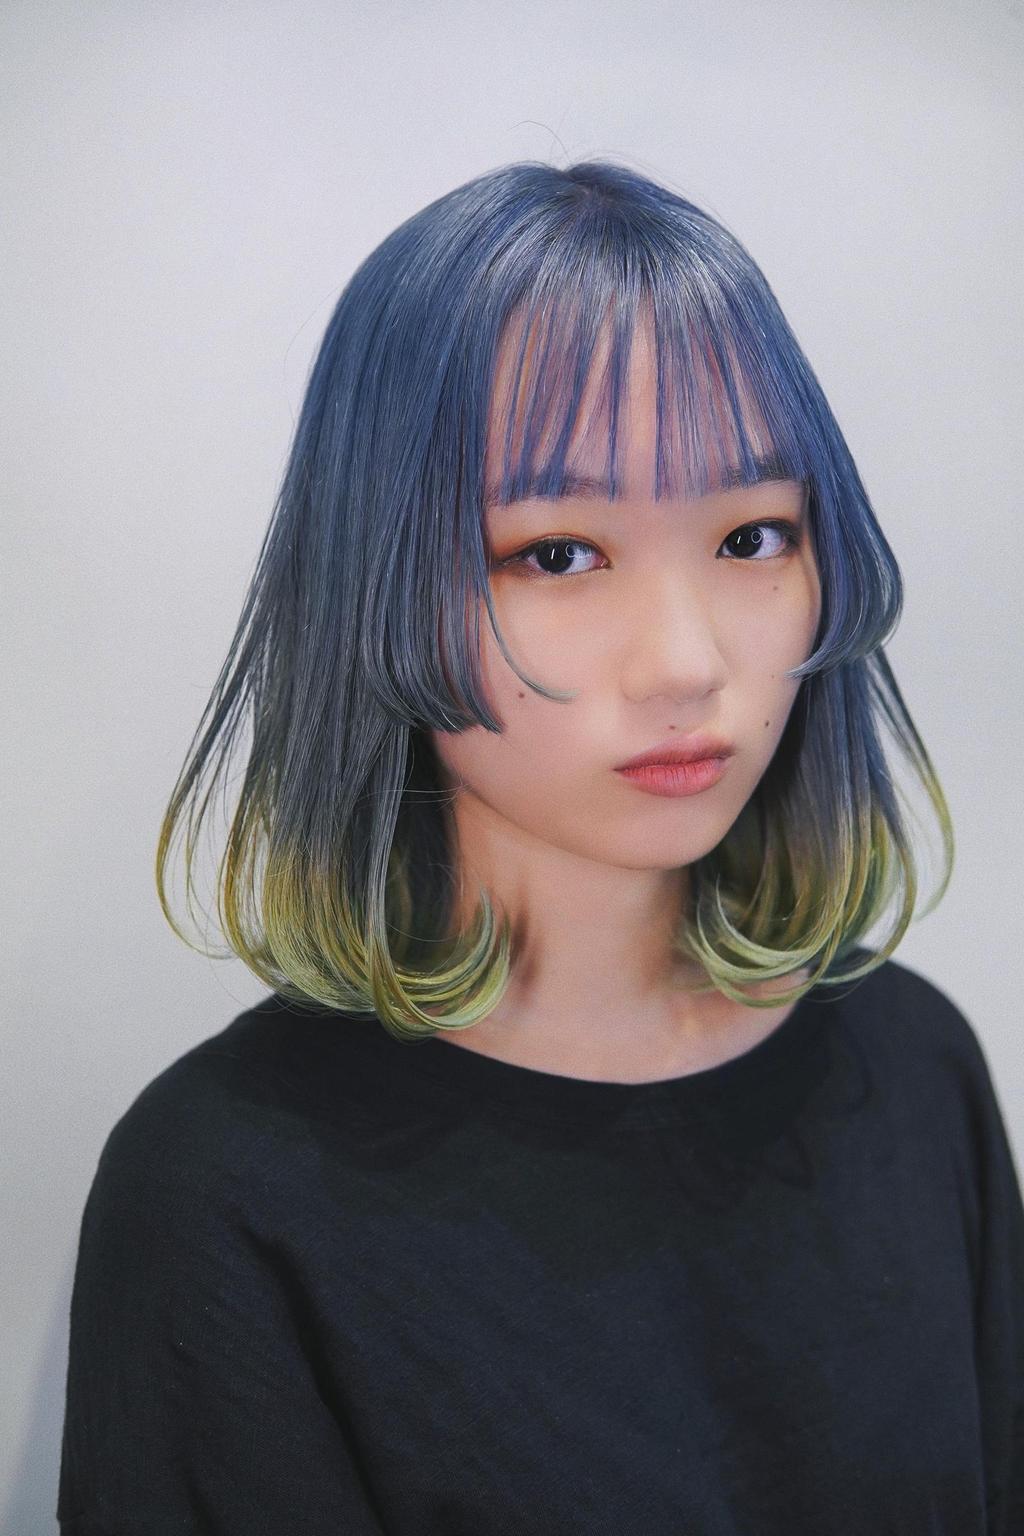 讓你的髮色像是調色盤一樣,發展出各種可能吧